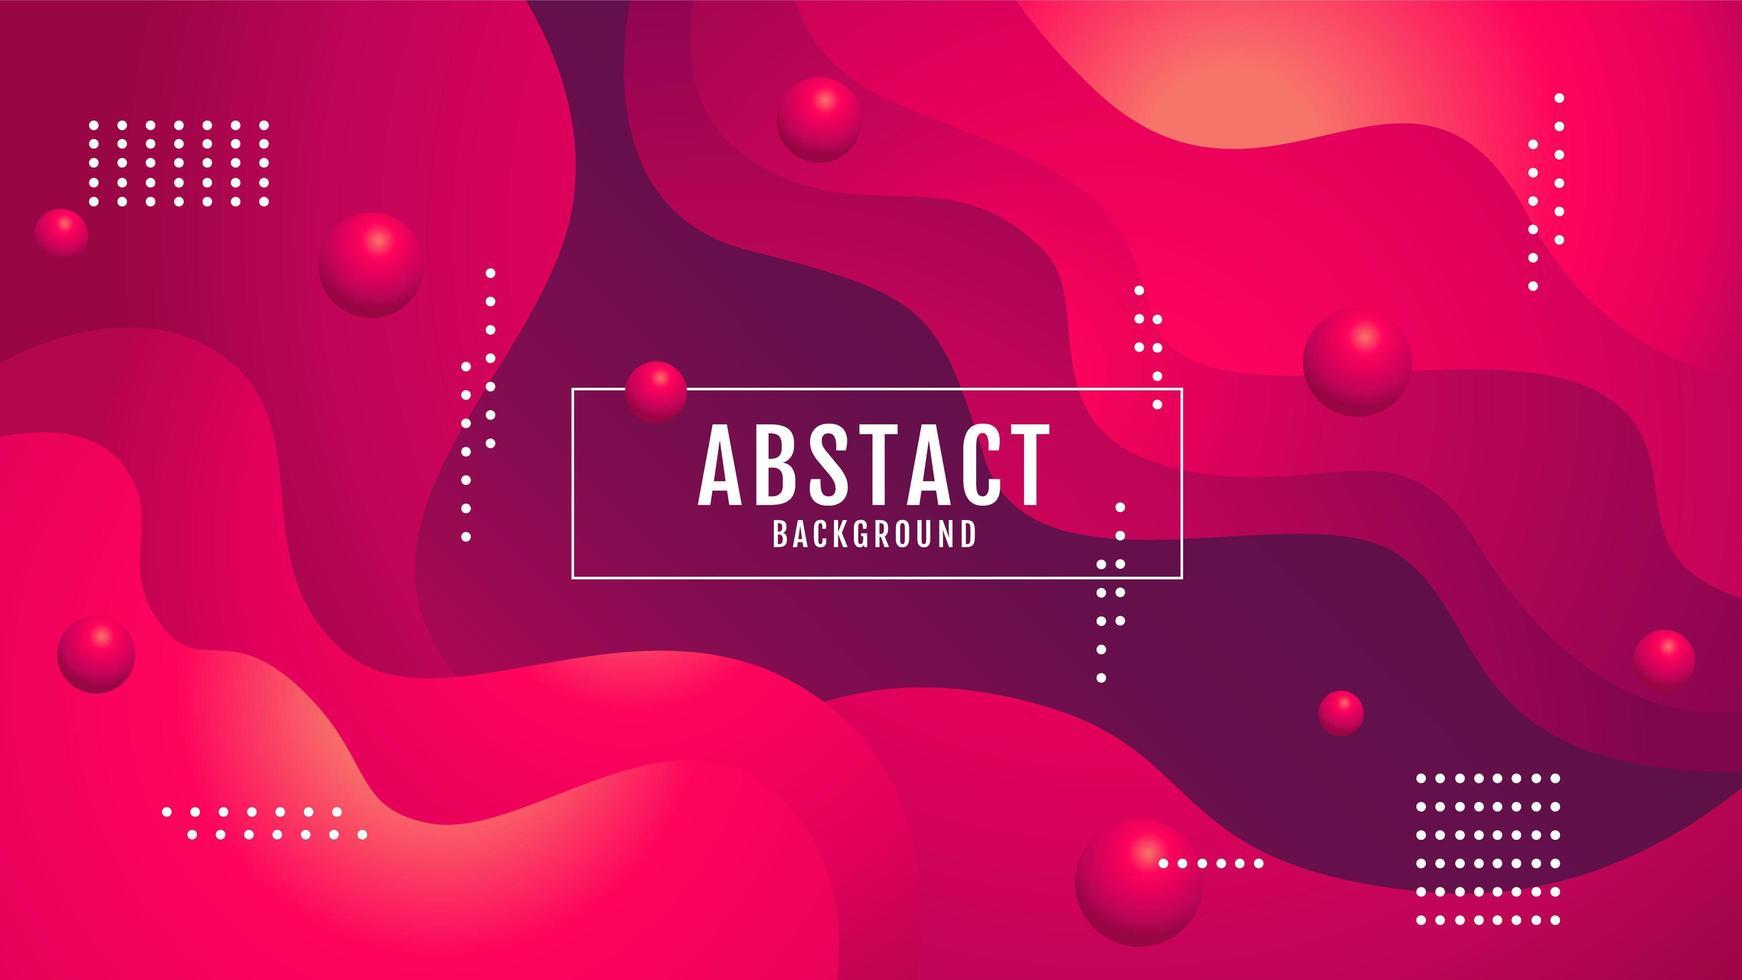 abstrakter gewellter Entwurf des rosa und lila Farbverlaufs vektor